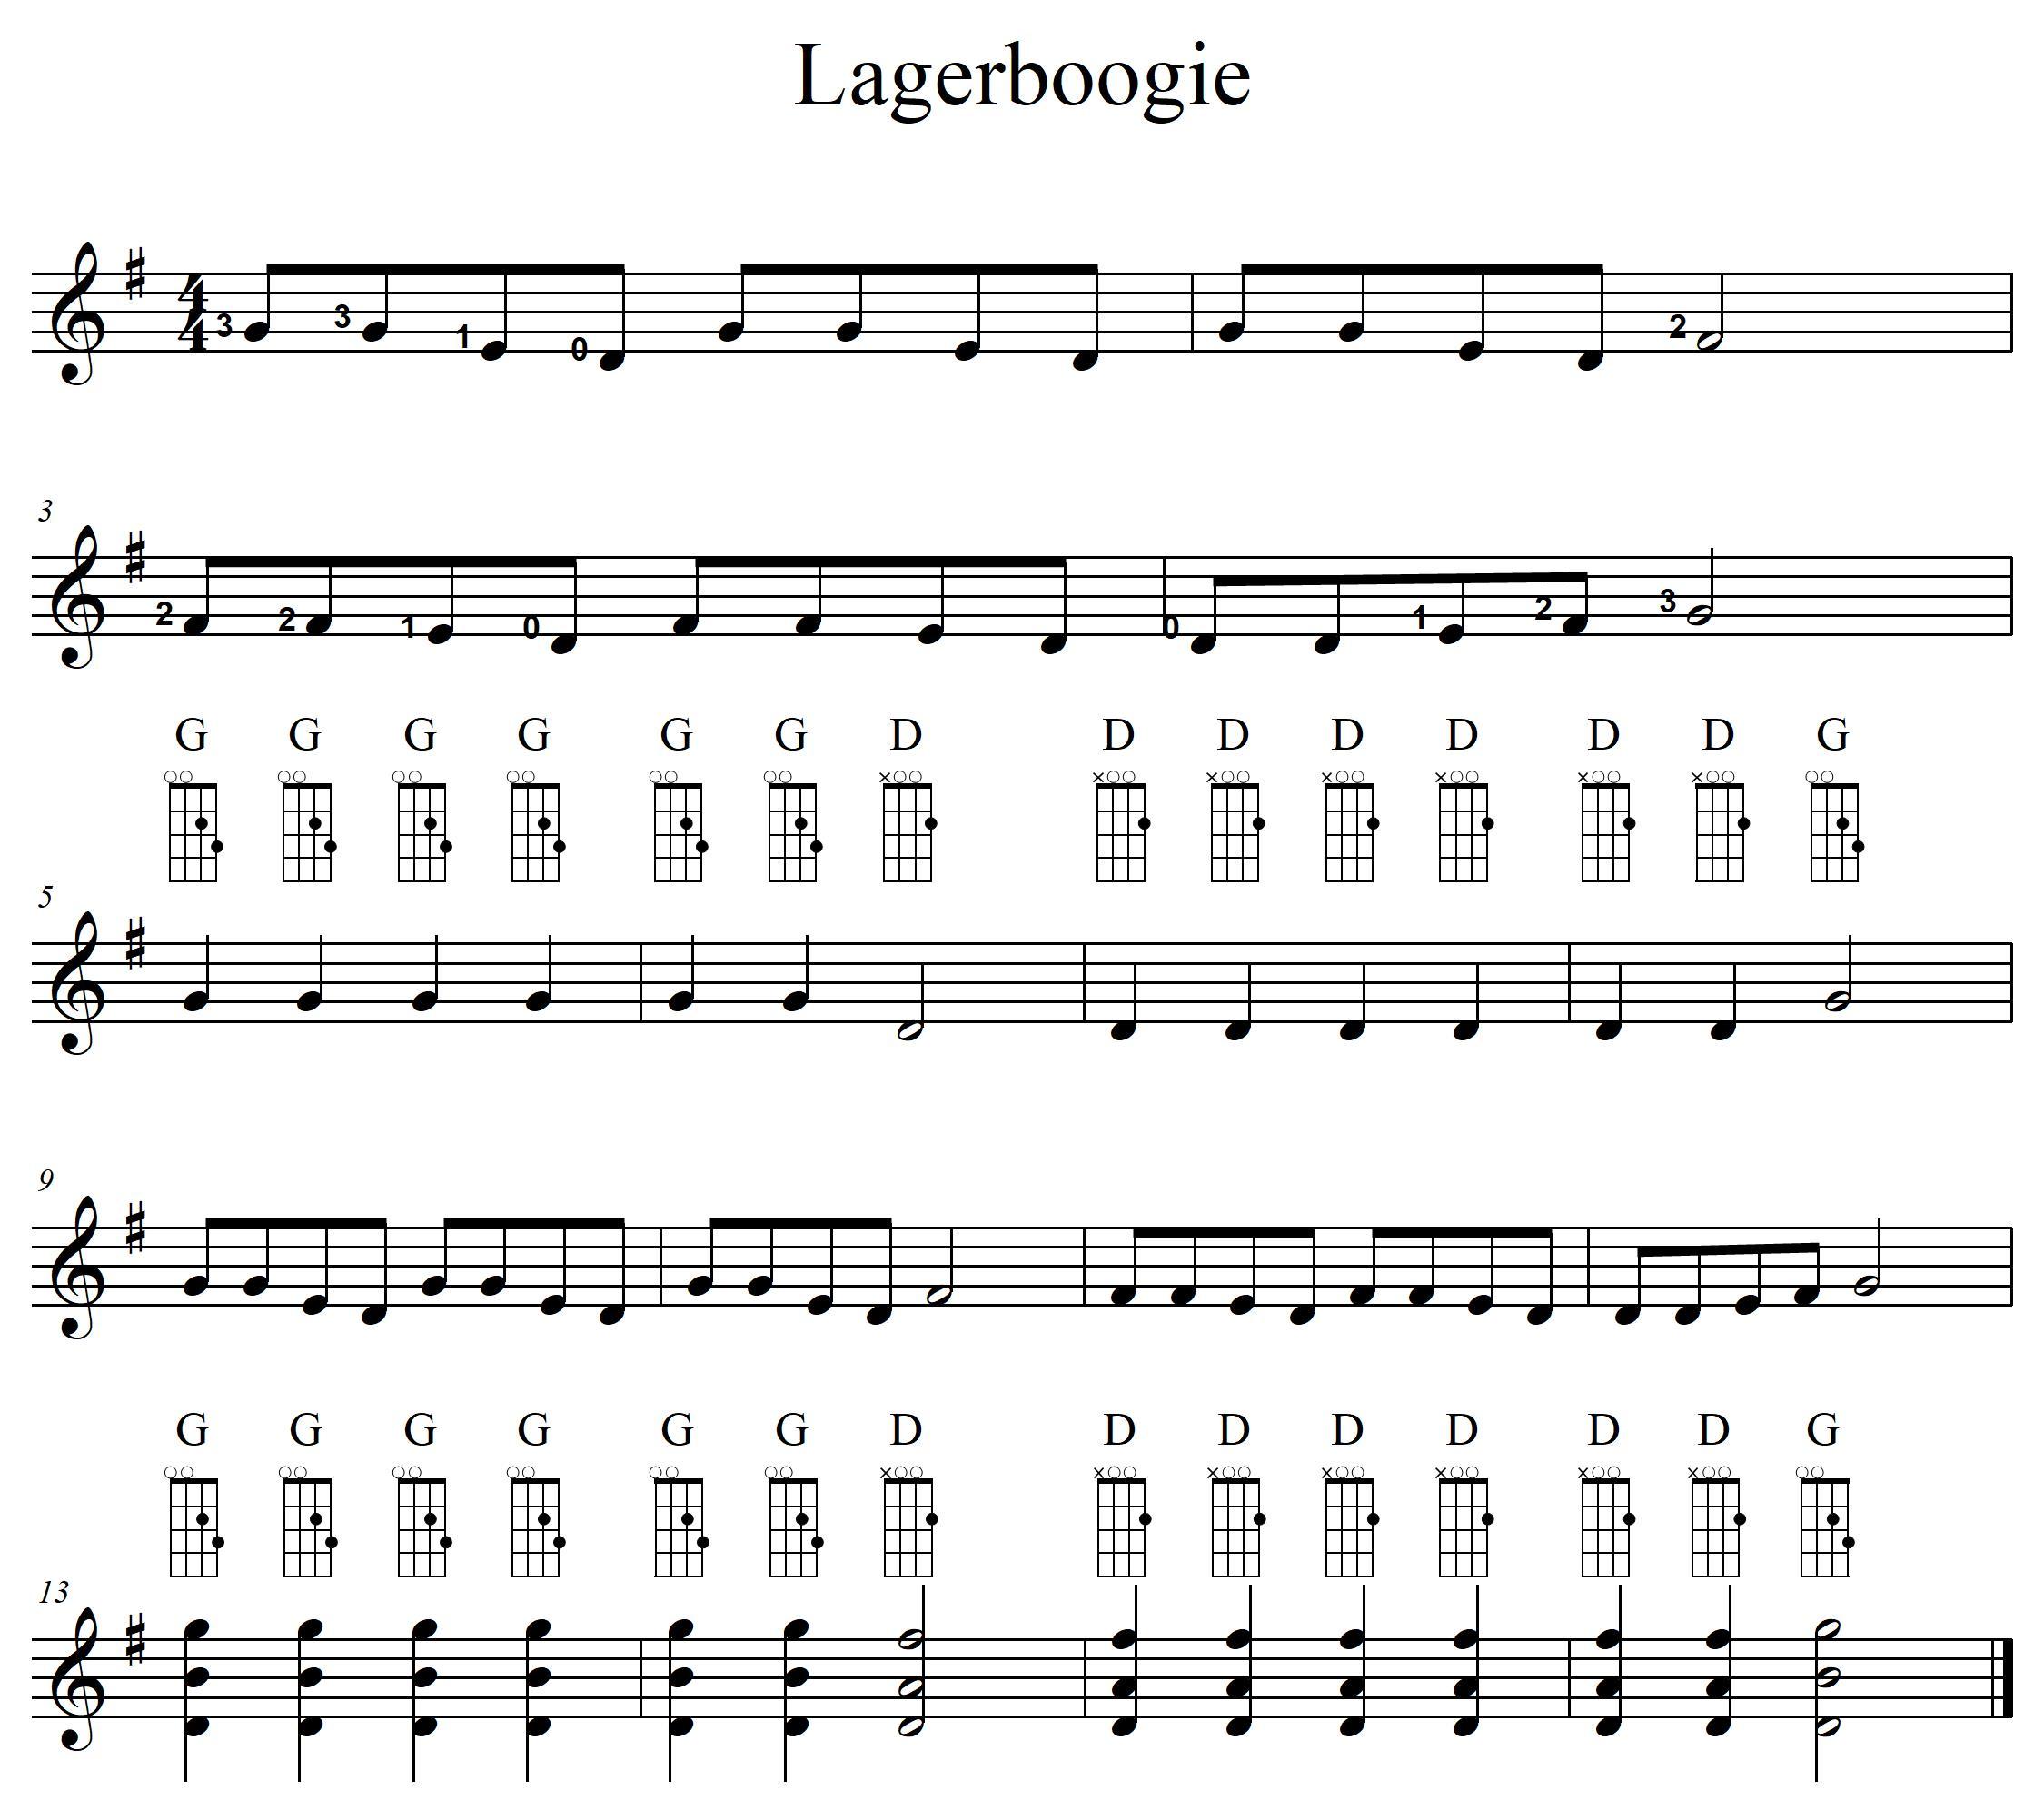 Lagerboogie